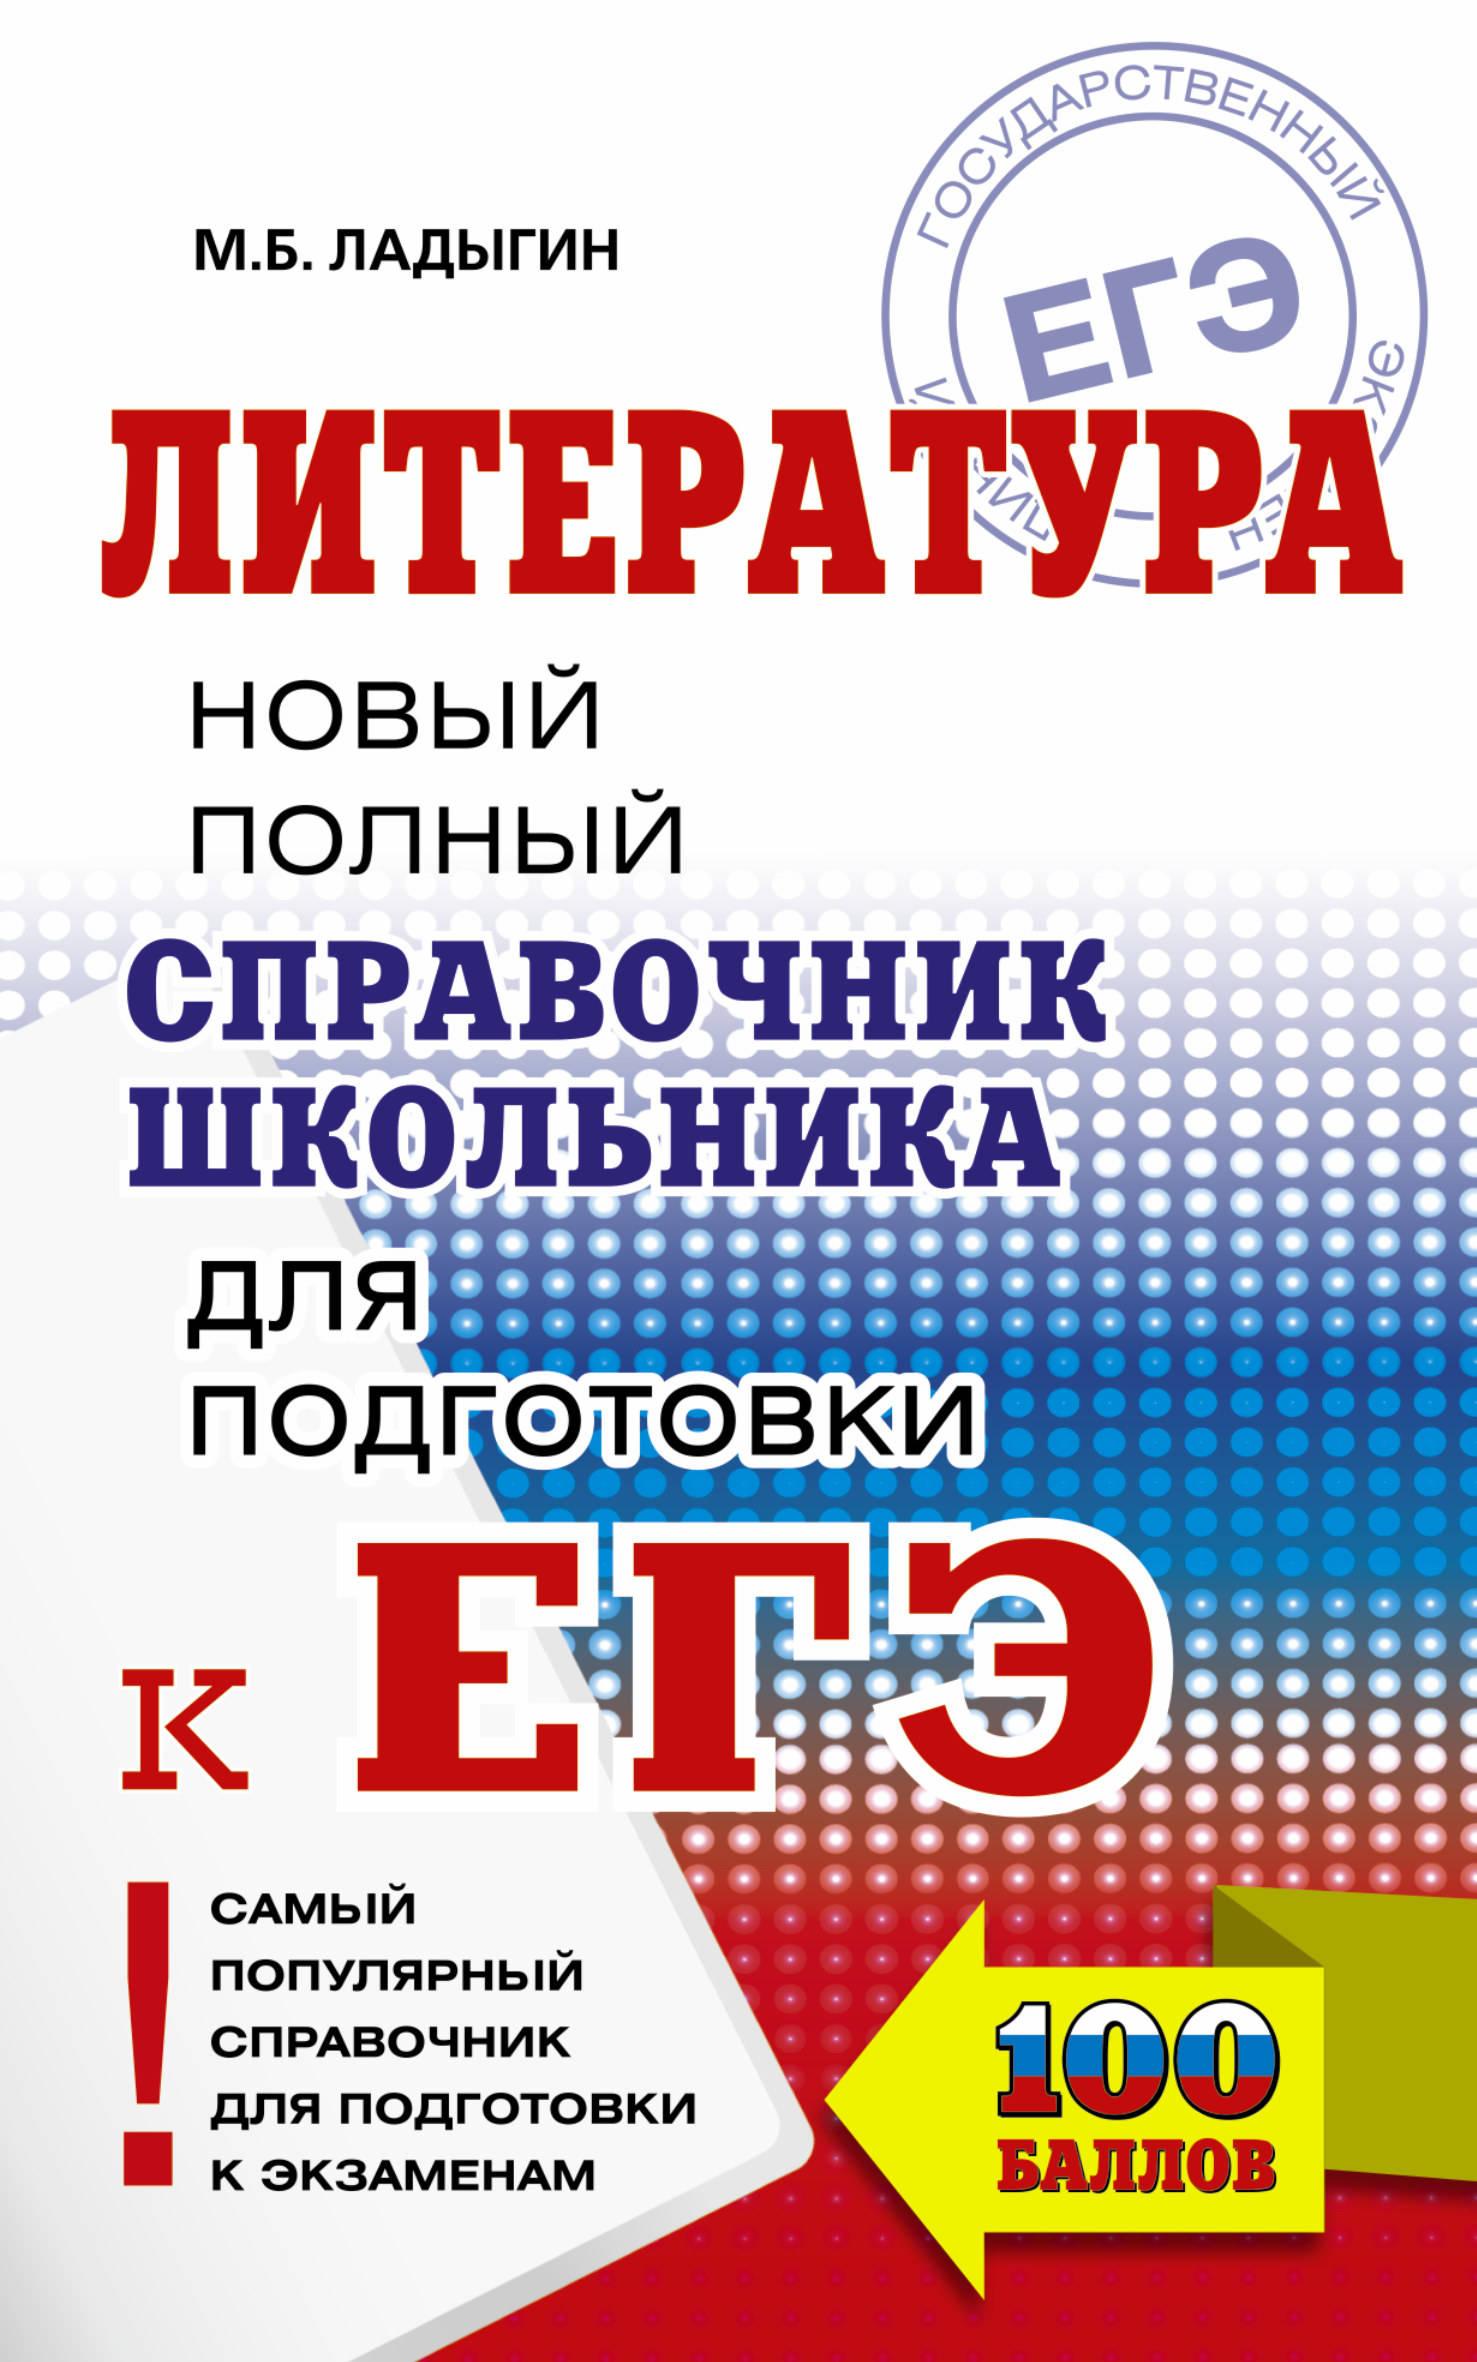 Ладыгин М.Б. ЕГЭ. Литература. Новый полный справочник школьника для подготовки к ЕГЭ